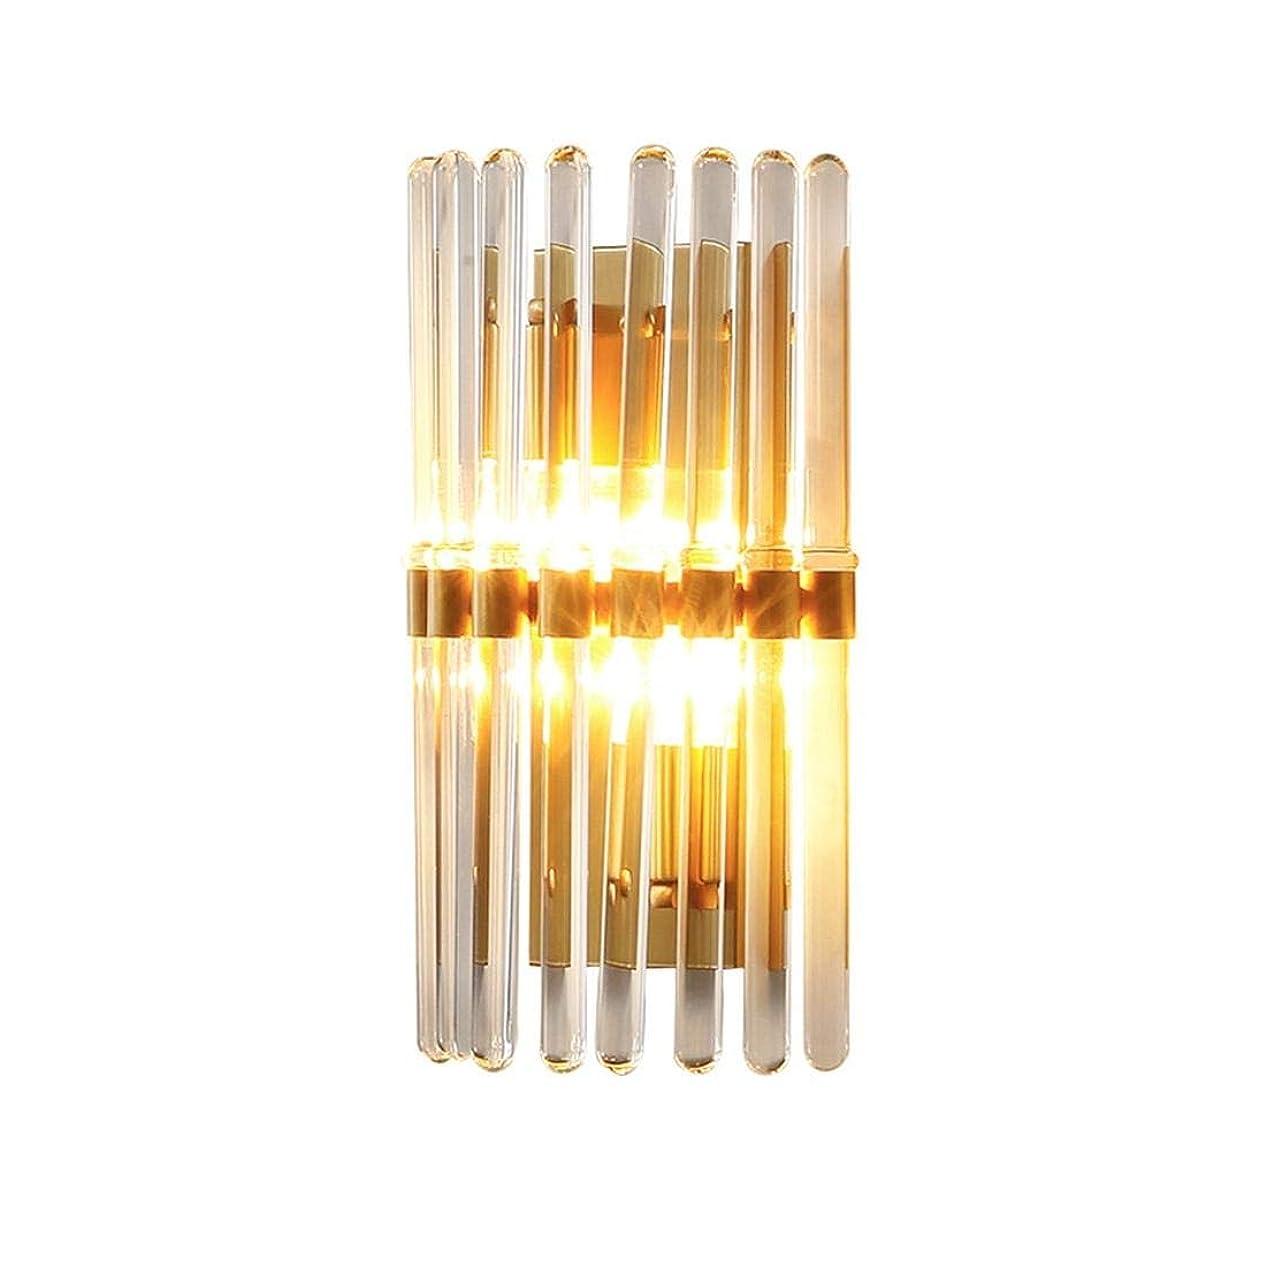 有益呼ぶ公平なTAALESET 現代の銅の壁ランプクリスタルリビングルームの壁シンプルなベッドサイドランプの寝室の照明プラグインウォールランプアイケアテーブルランプ (色 : As picture)